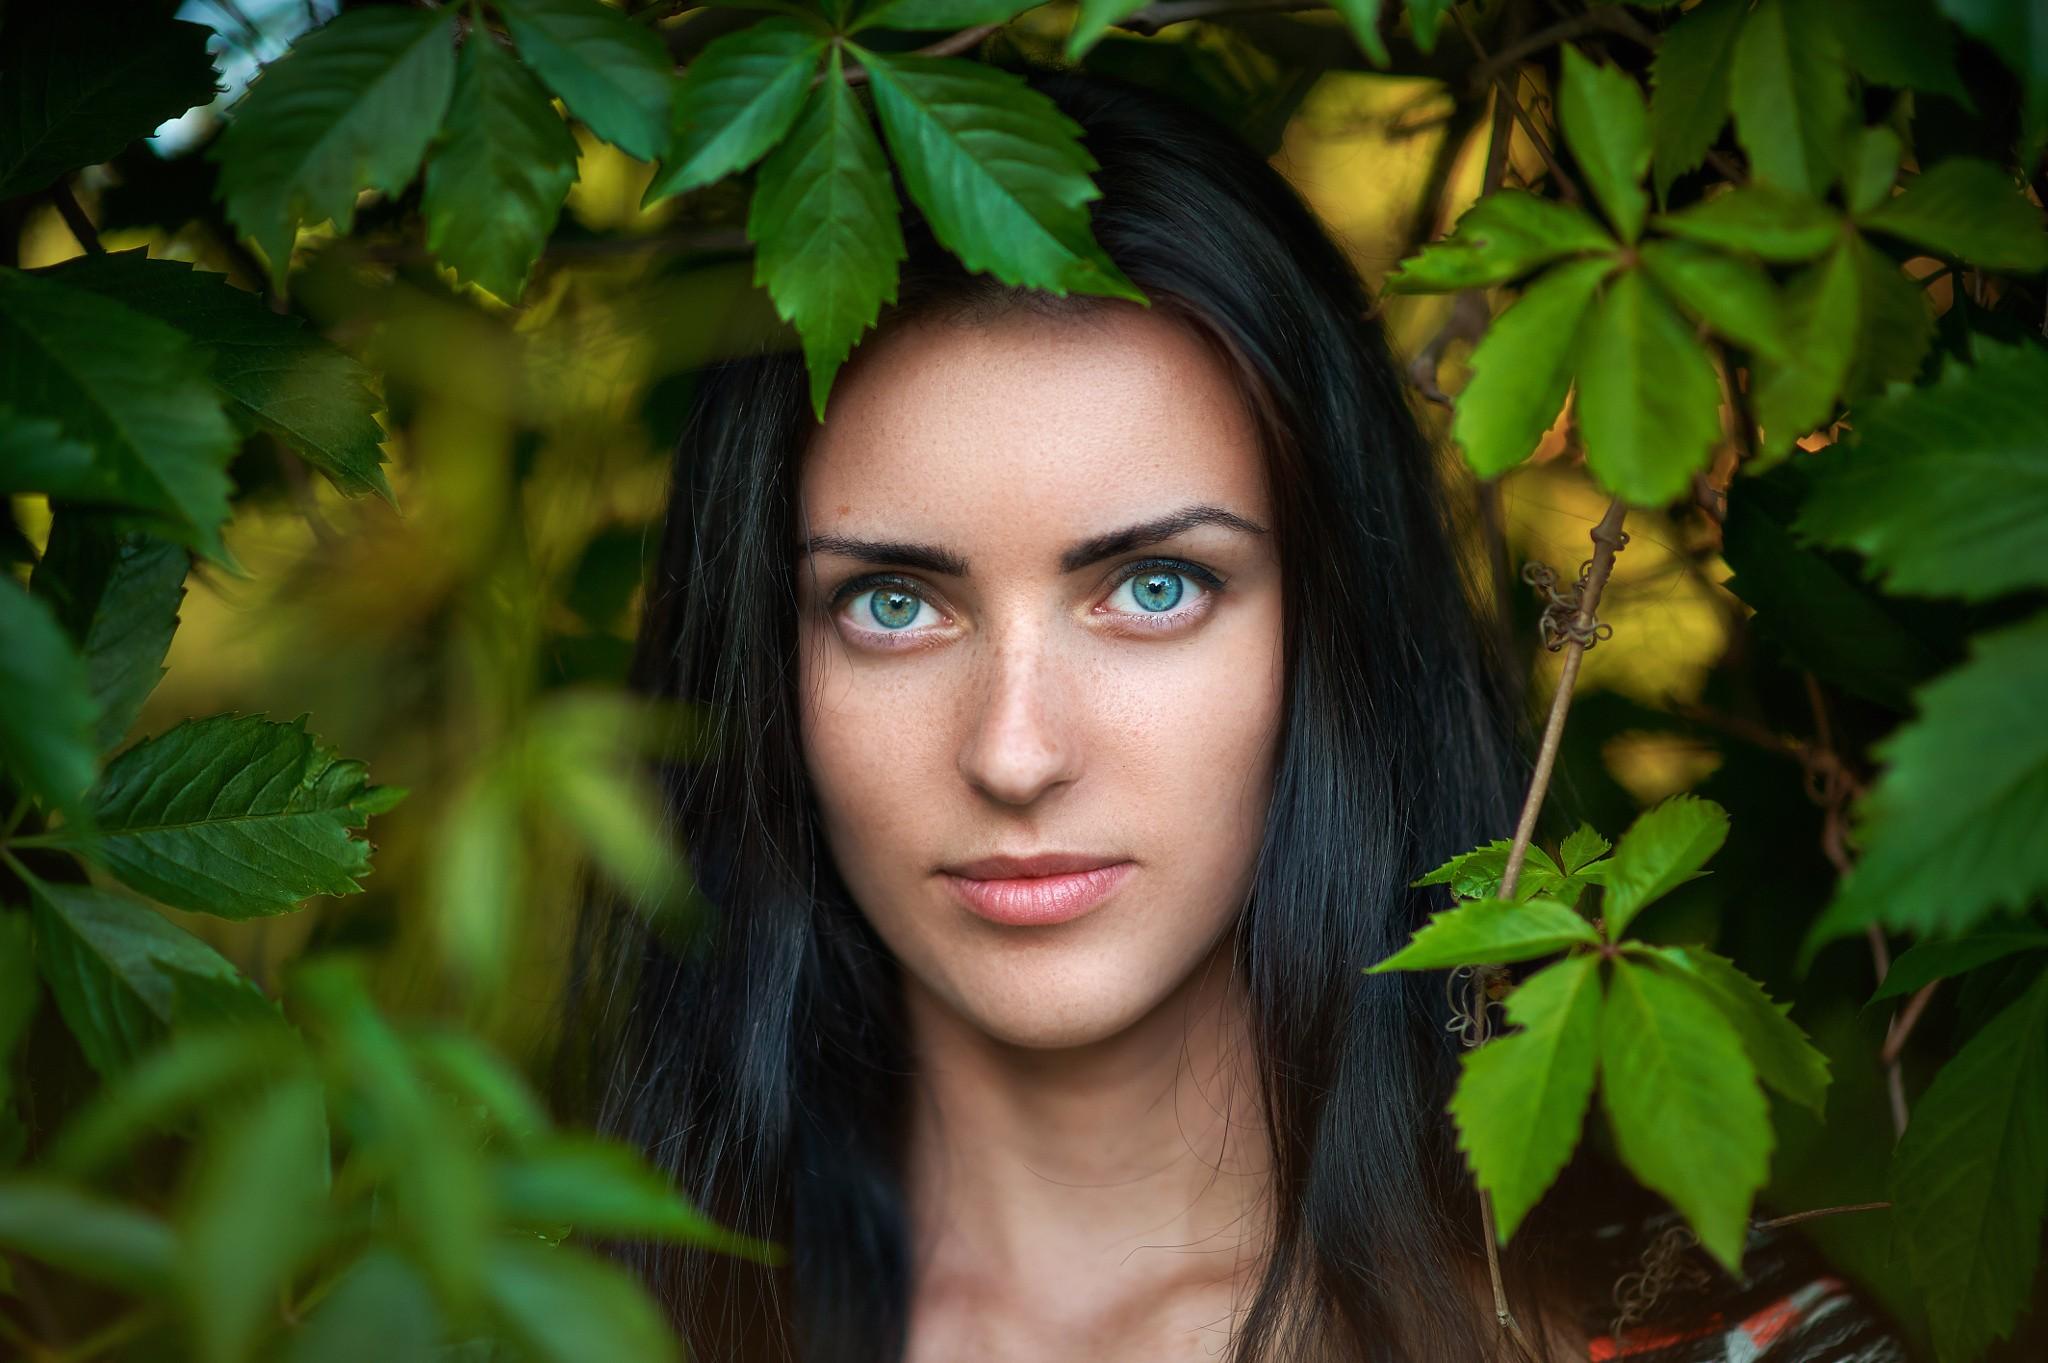 качественный фотопортрет на природе модель выбрать